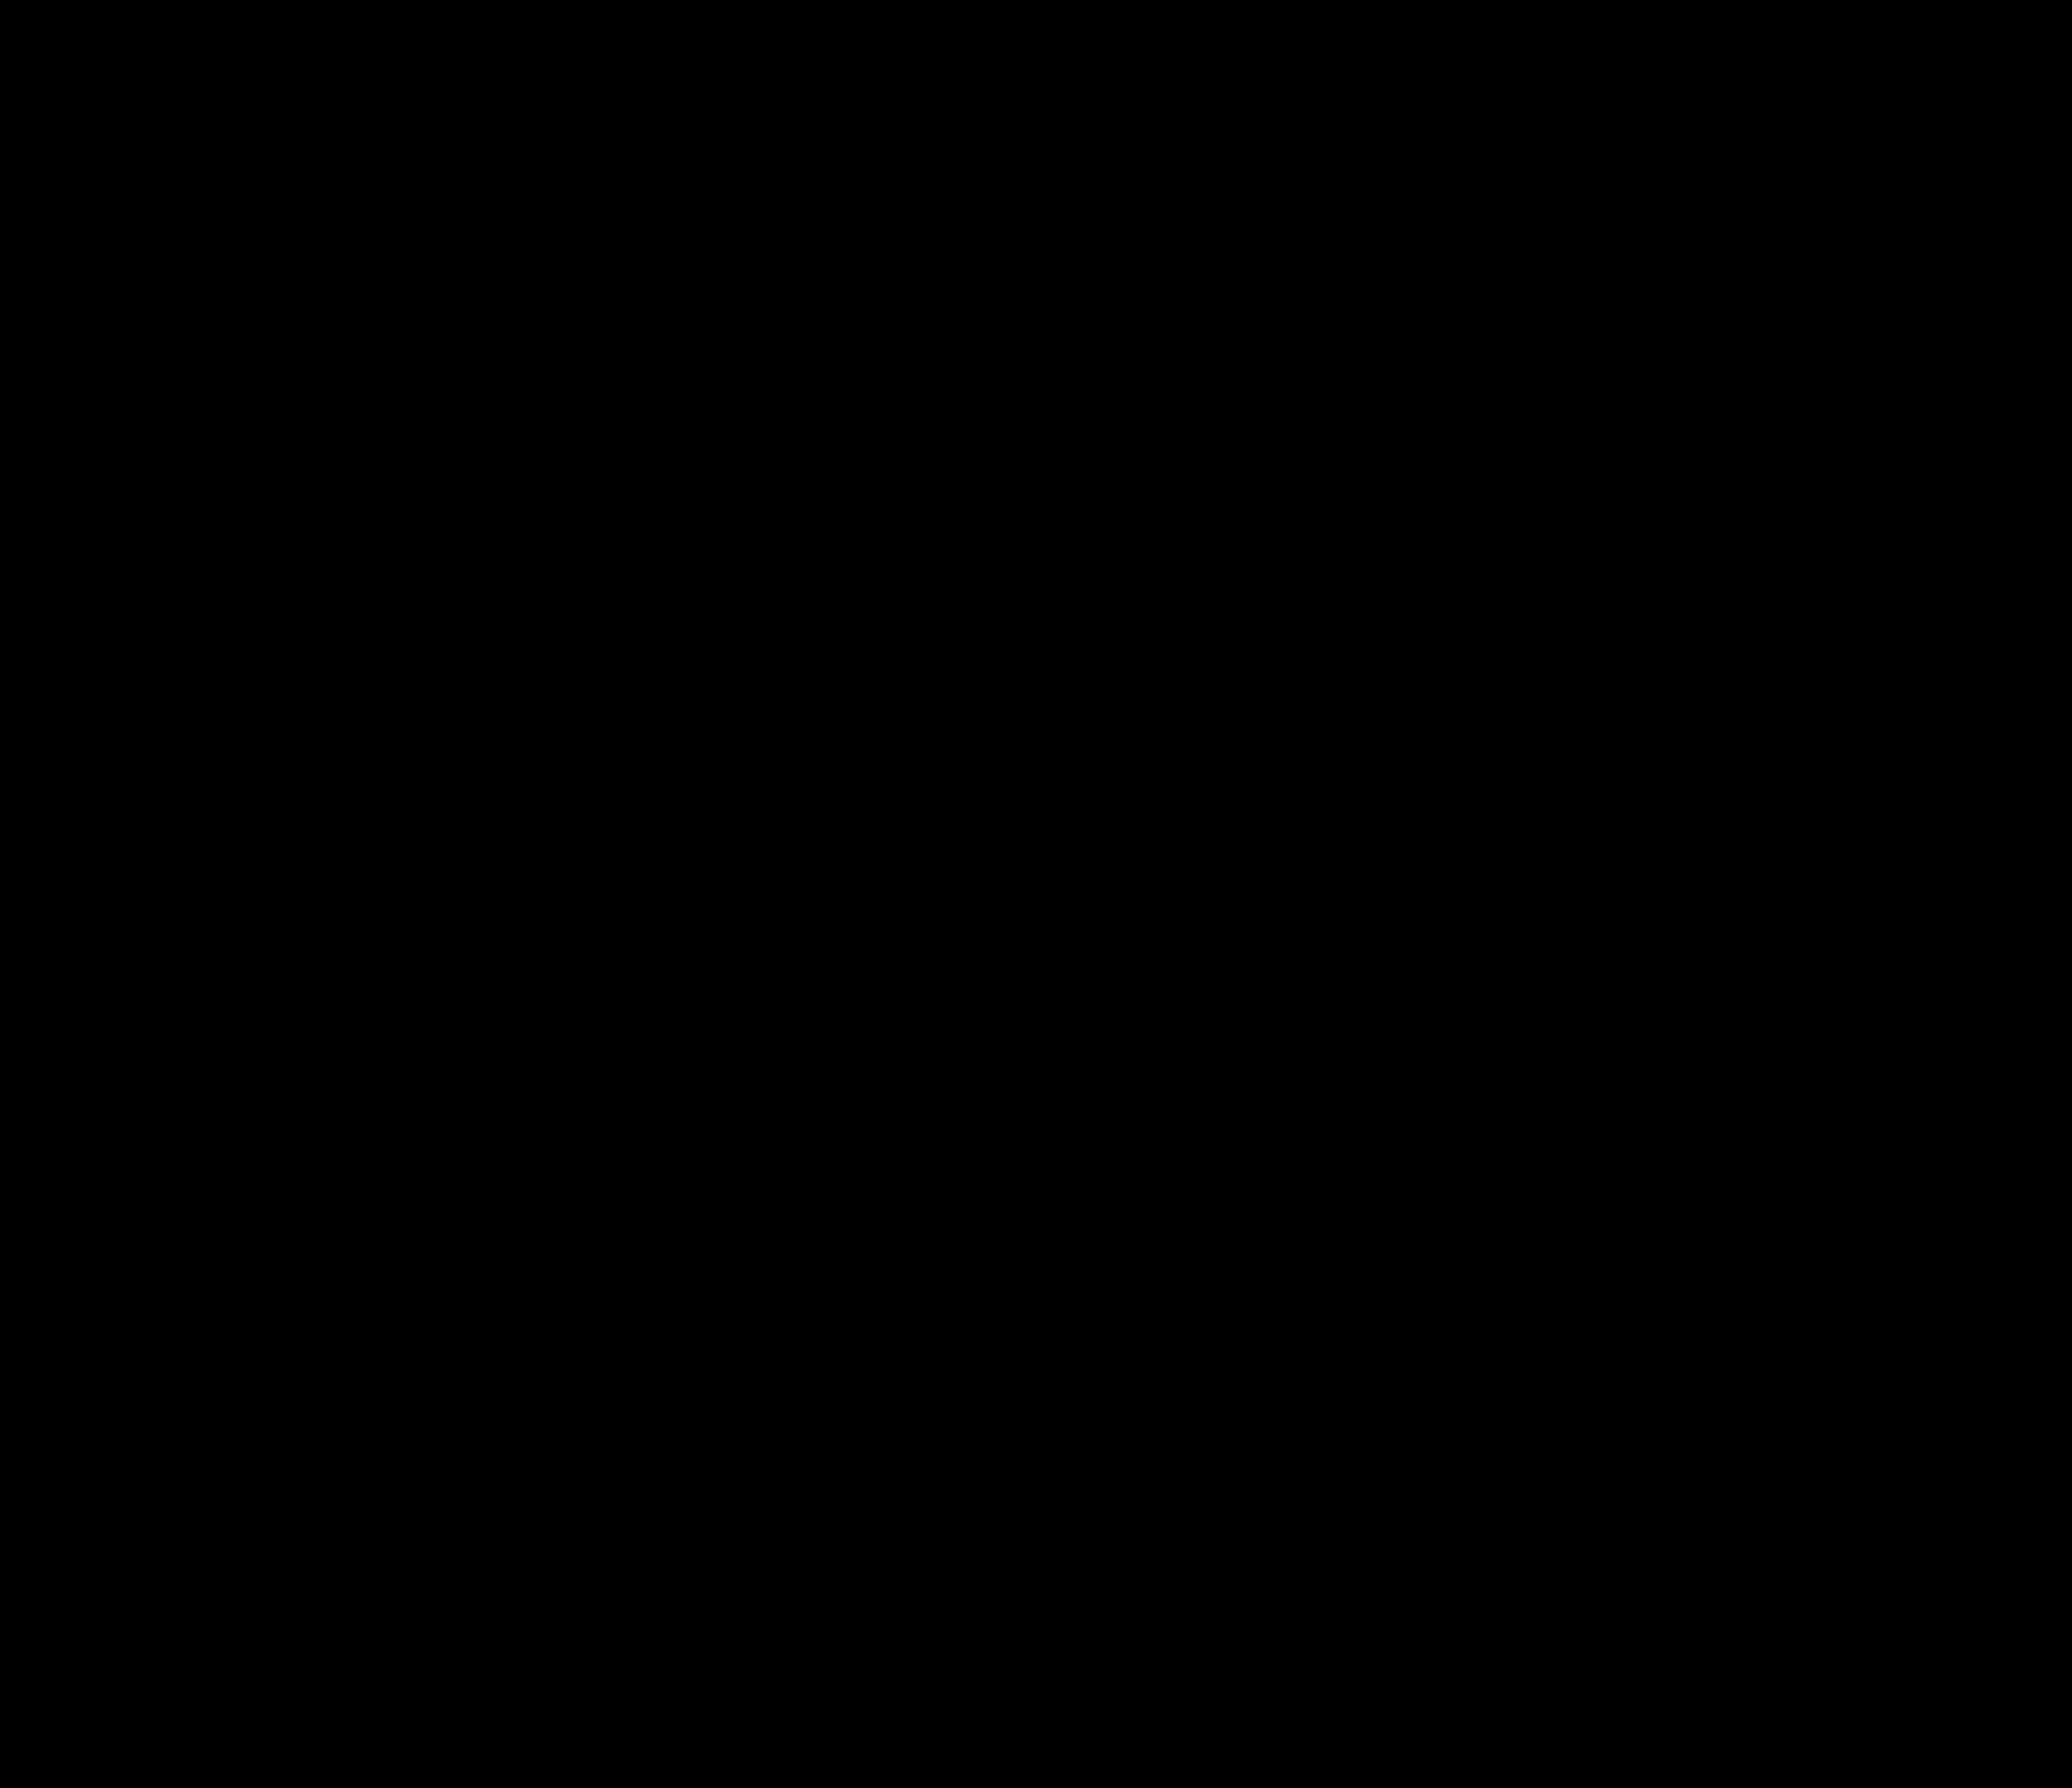 Clipart Letter Z